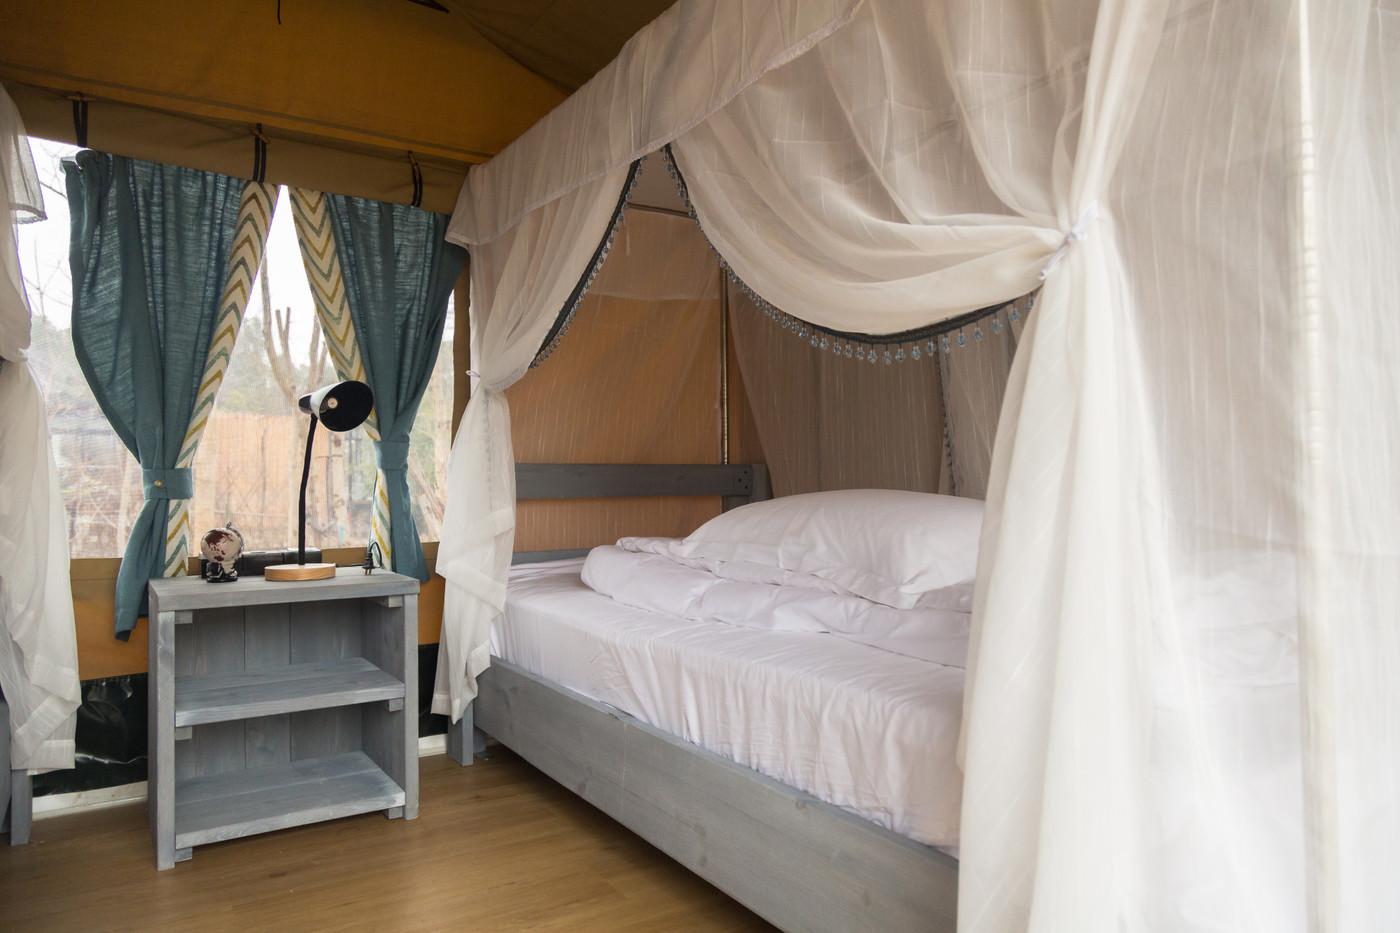 喜马拉雅上海迪士尼邻家营地子母房平地帐篷酒店35